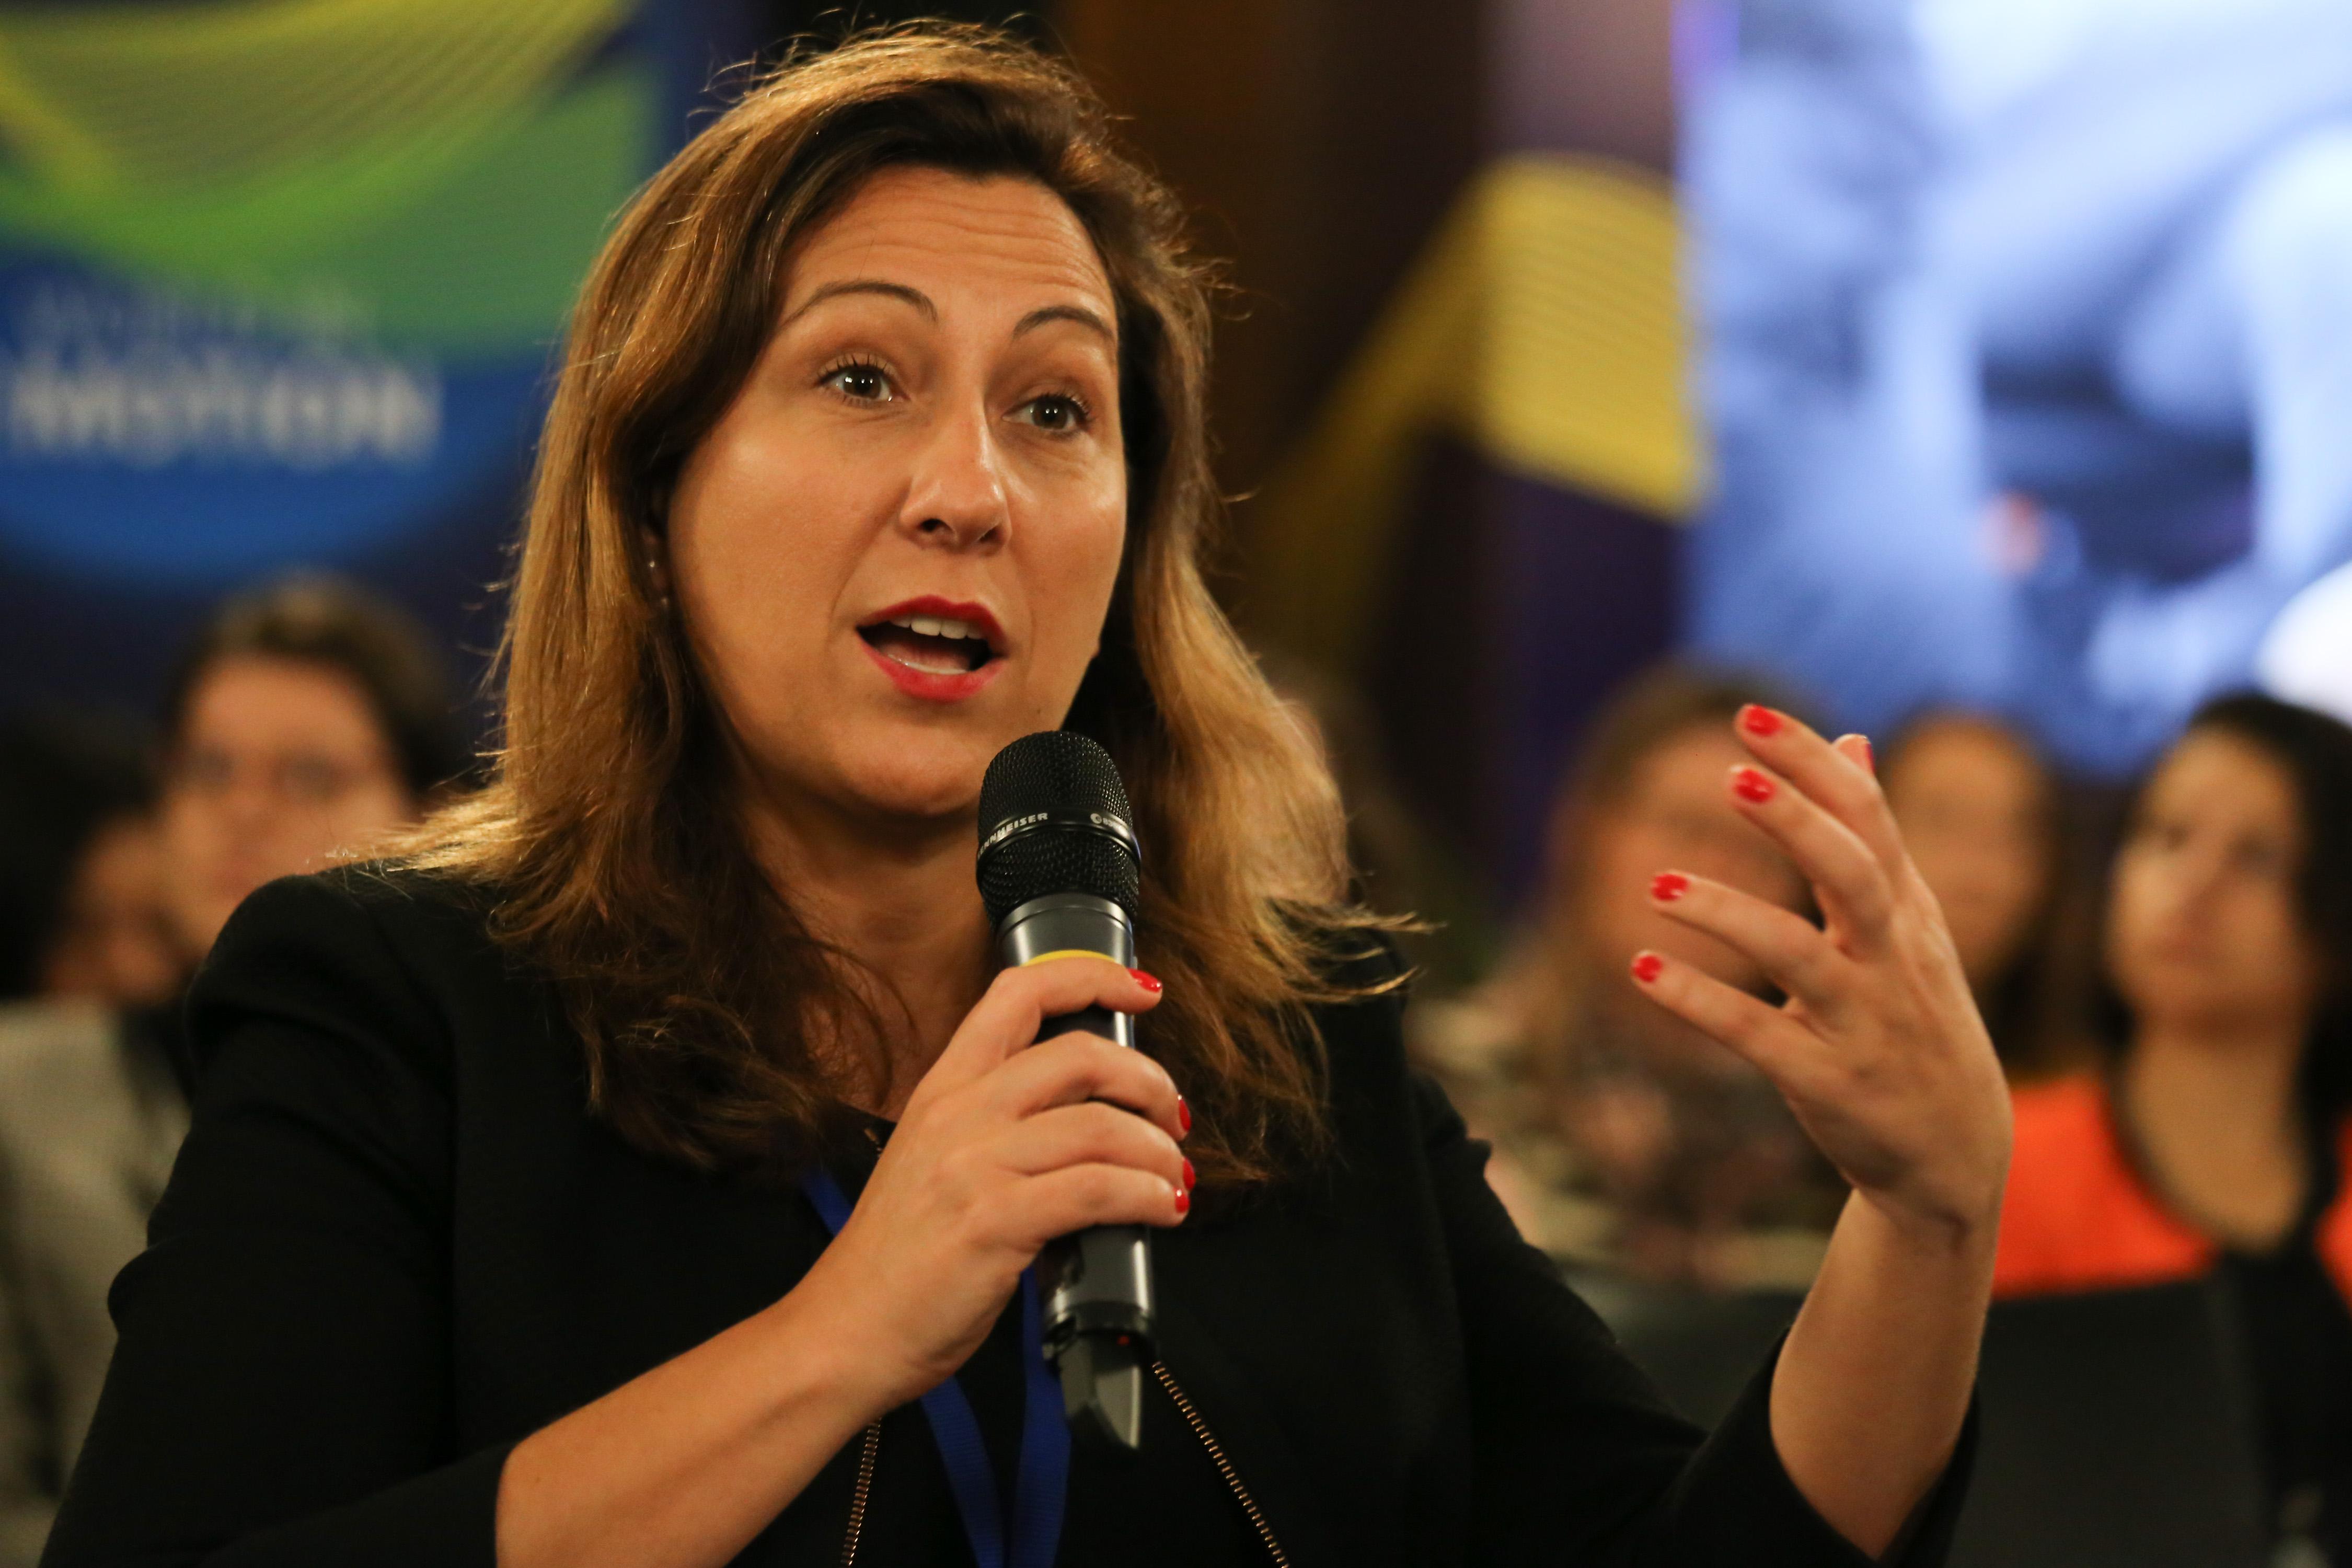 Ana Bailão, Deputy Mayor, Toronto, Canada